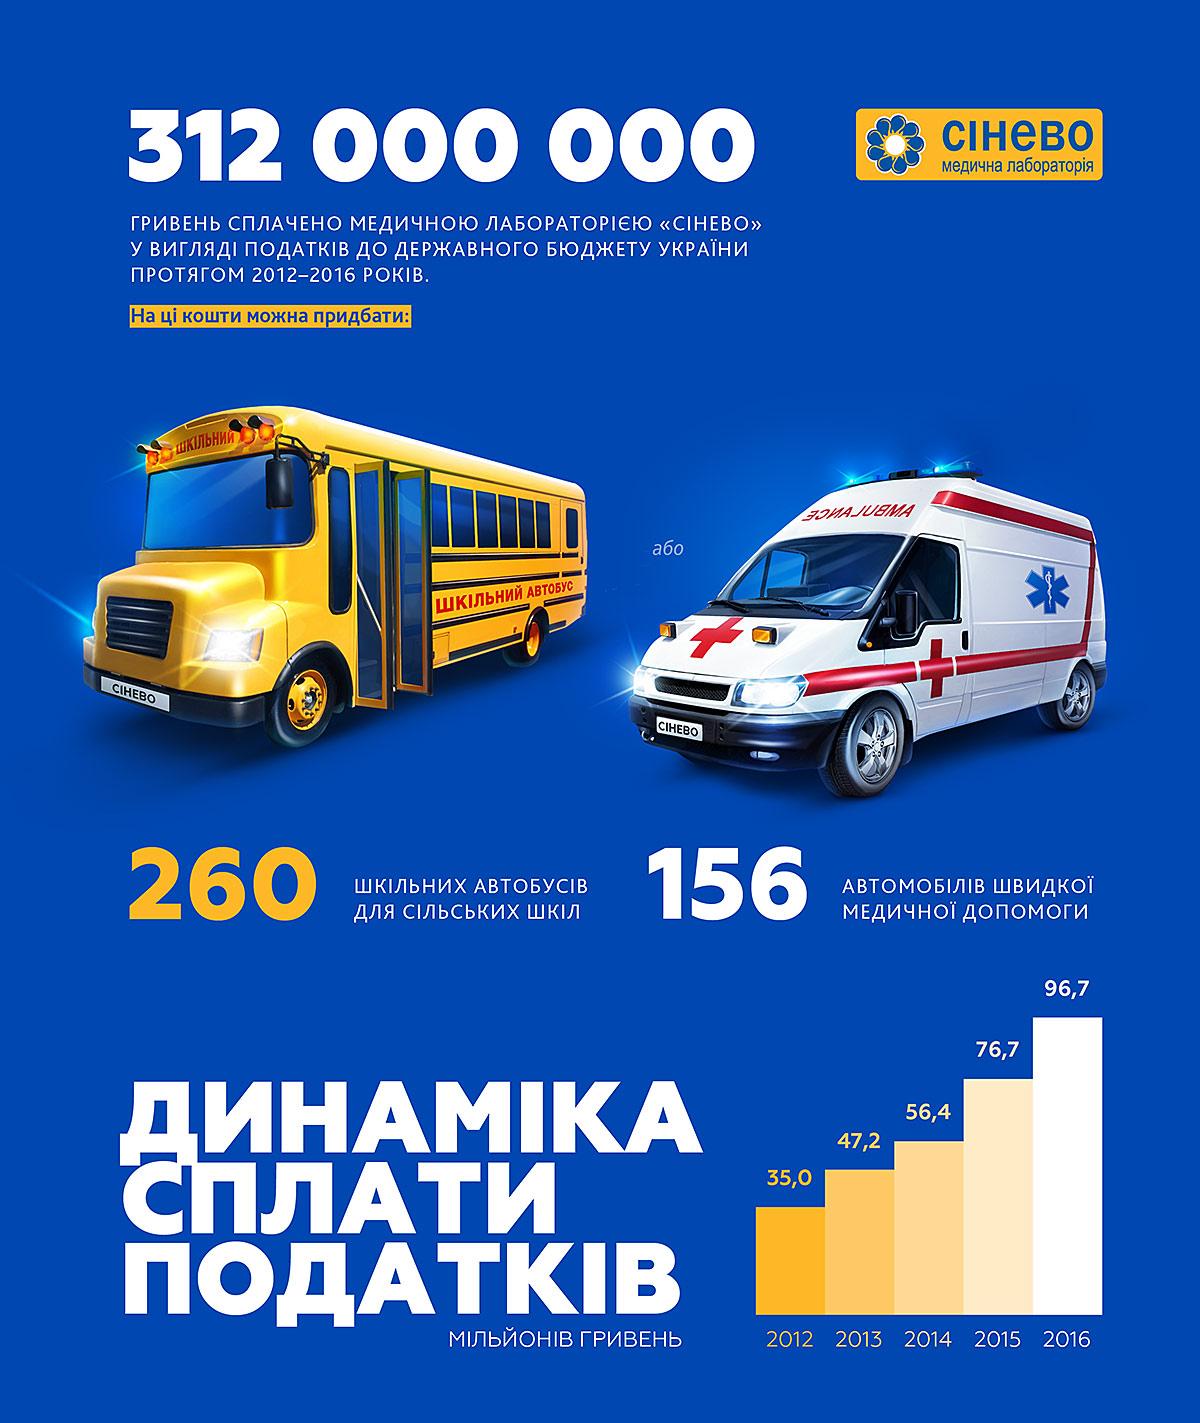 Уплата налогов «Синэво» (Synevo). Что можно купить на налоги? Школьный автобус и автомобиль скорой помощи. Общий объем денег, уплаченных медицинской лабораторией в бюджет, и динамика уплаты налогов.